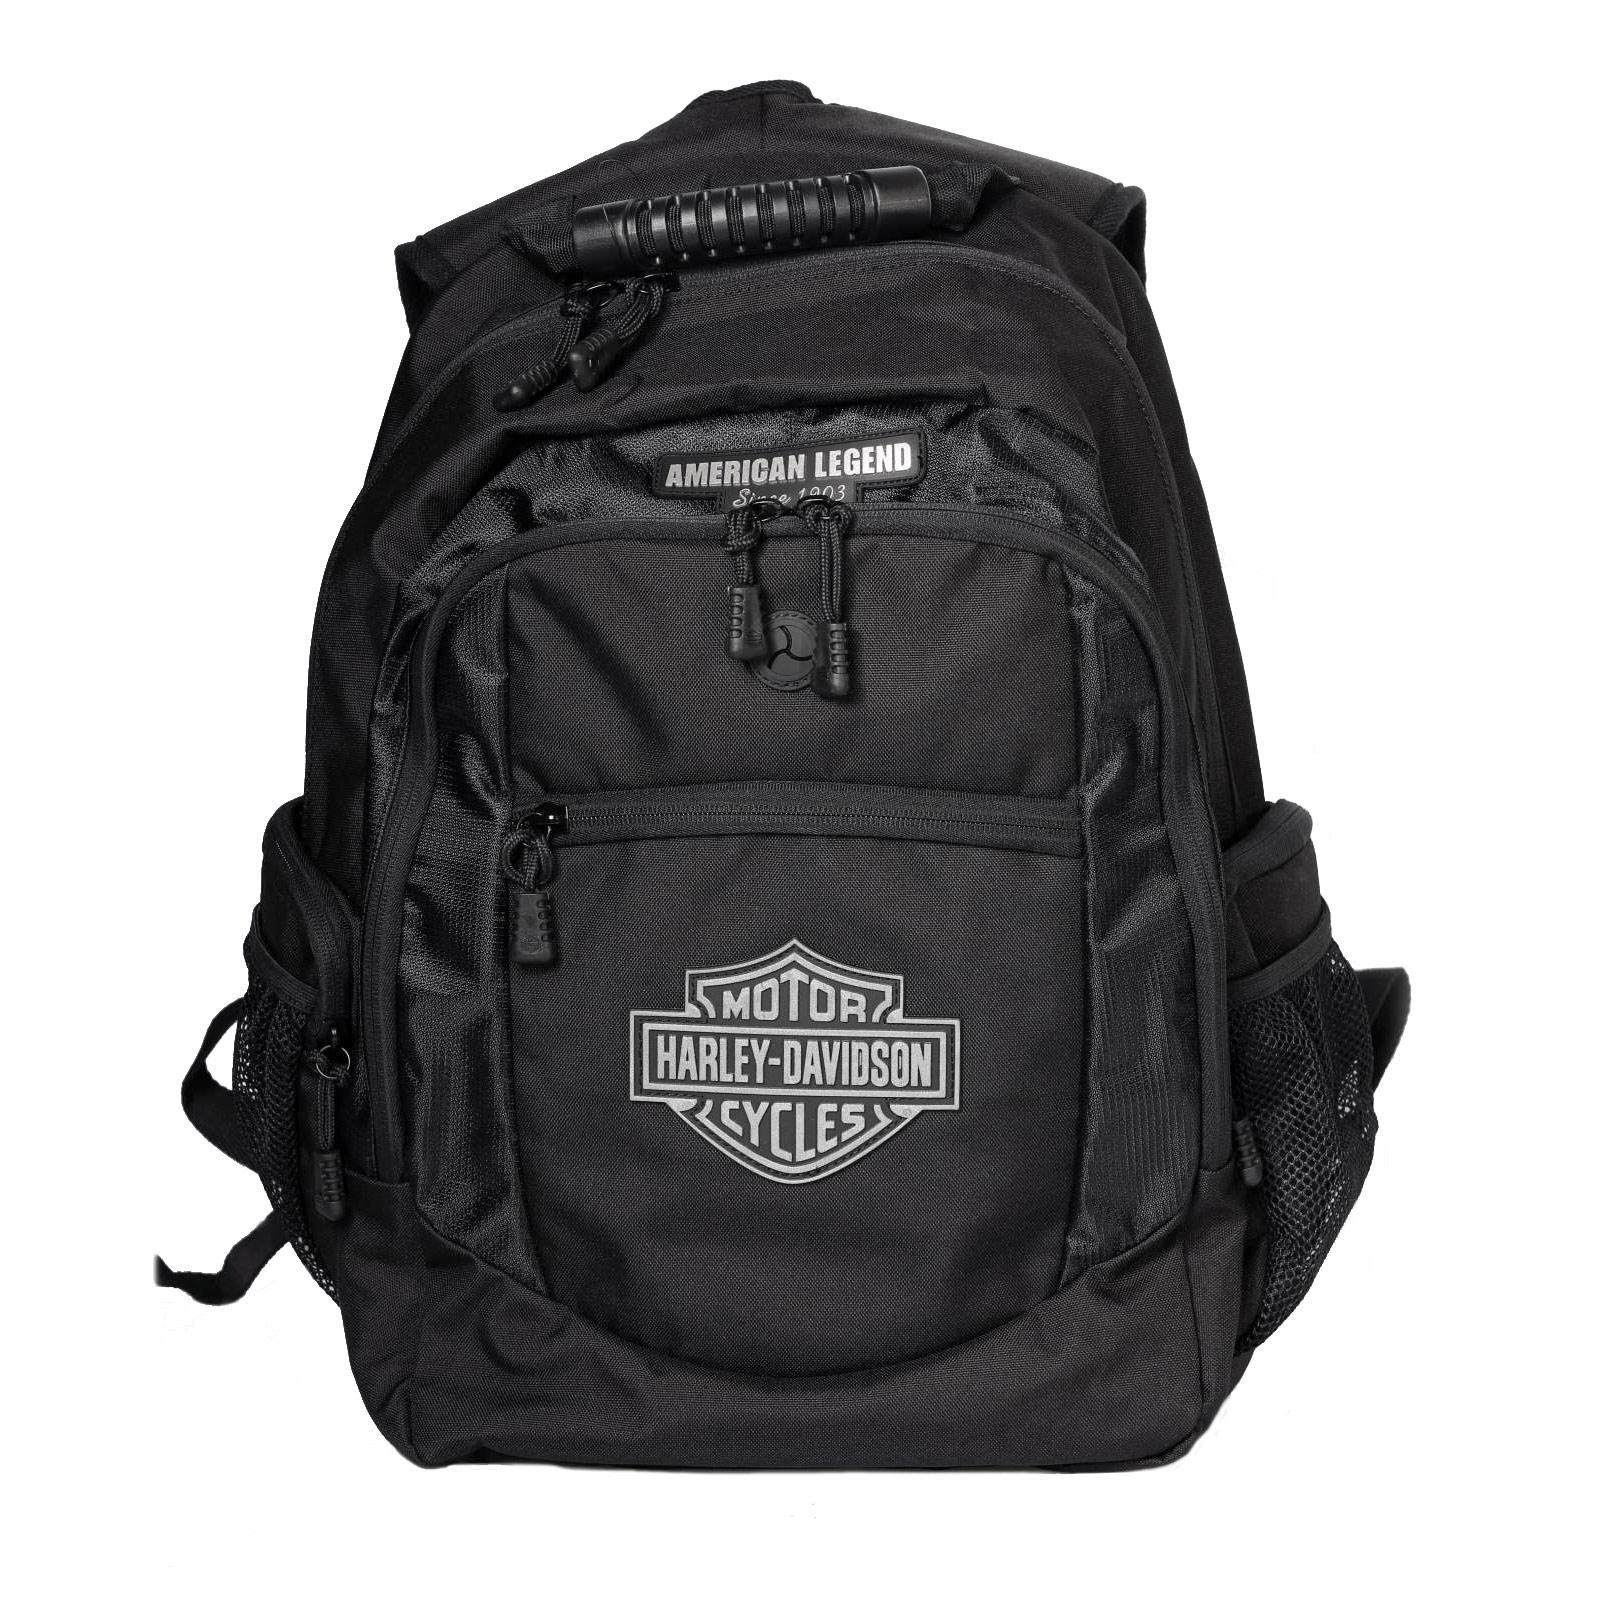 harley davidson classic backpack at thunderbike shop. Black Bedroom Furniture Sets. Home Design Ideas